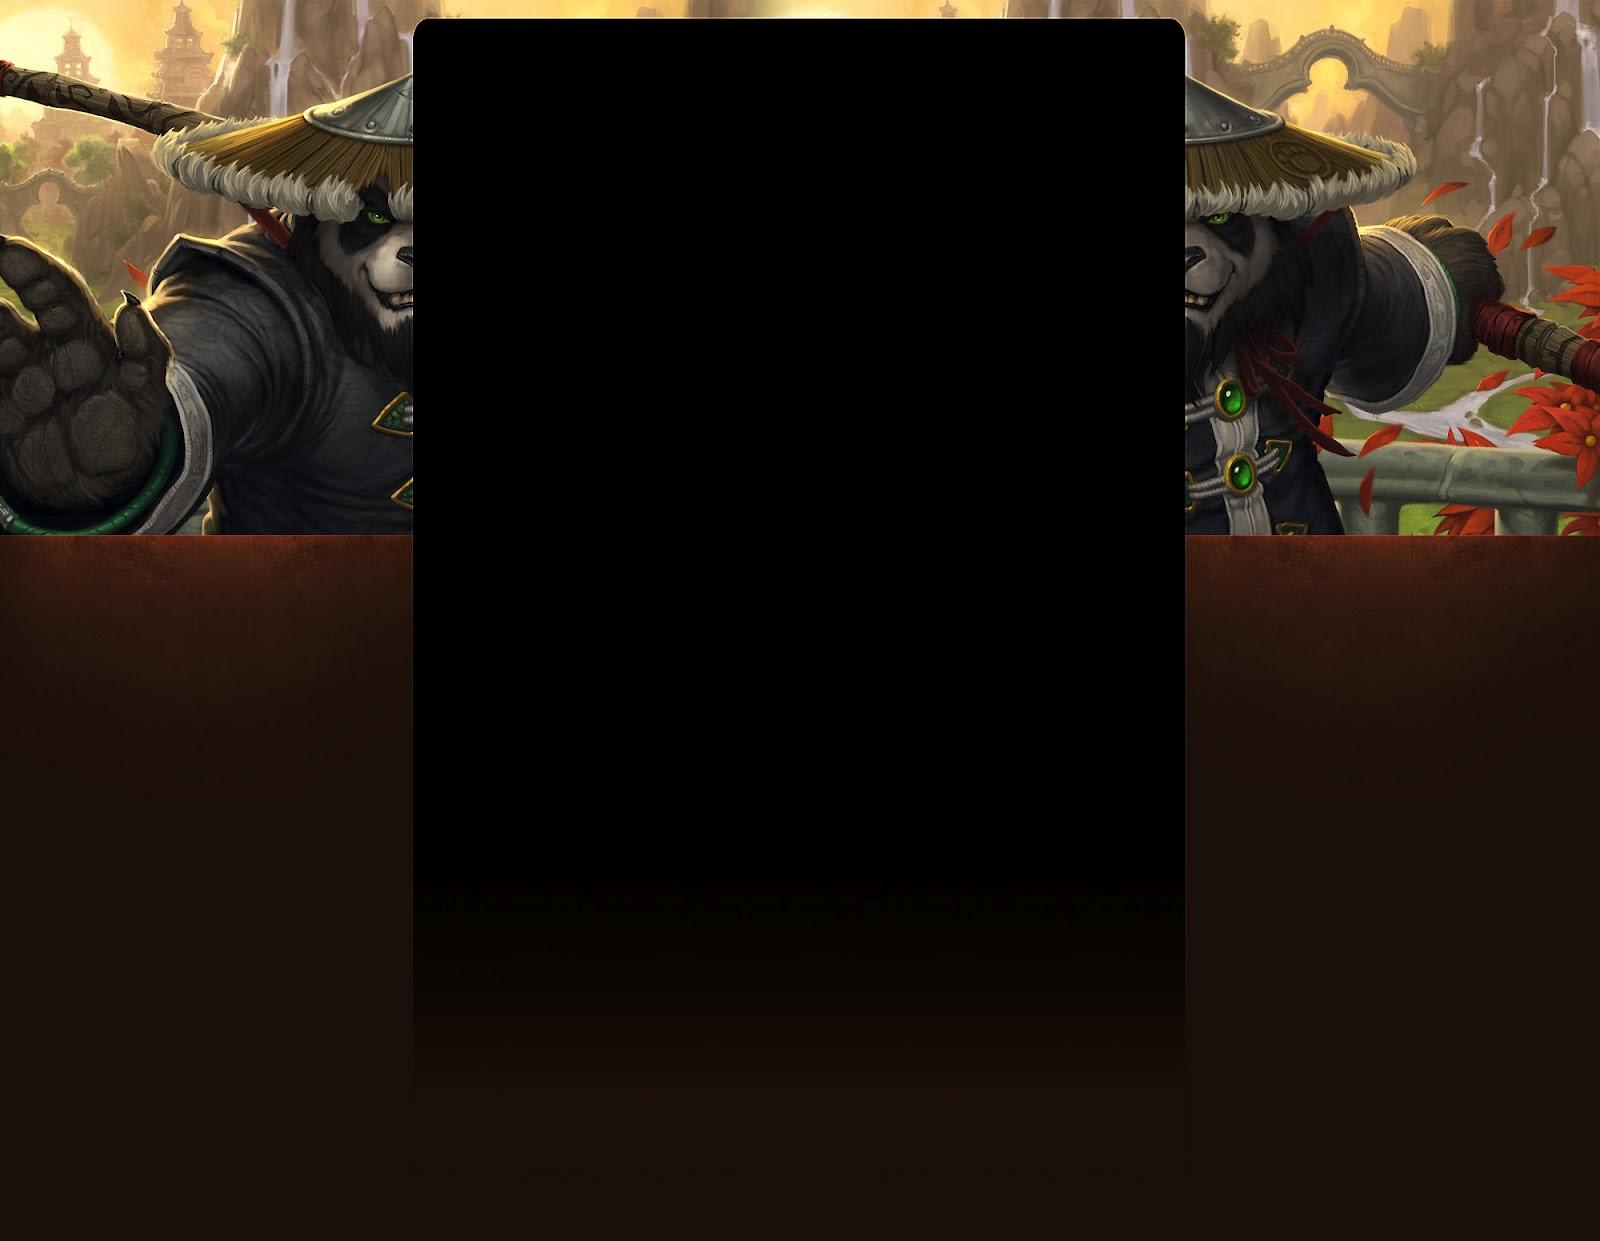 http://4.bp.blogspot.com/-L3wkWbFUoYE/UFZ3YcnxQ6I/AAAAAAAAByg/TF3iUq7KcjI/s1600/World-of-Warcraf-Mists-of-Pandara-Youtube-Background-Youtube-Layout.jpeg